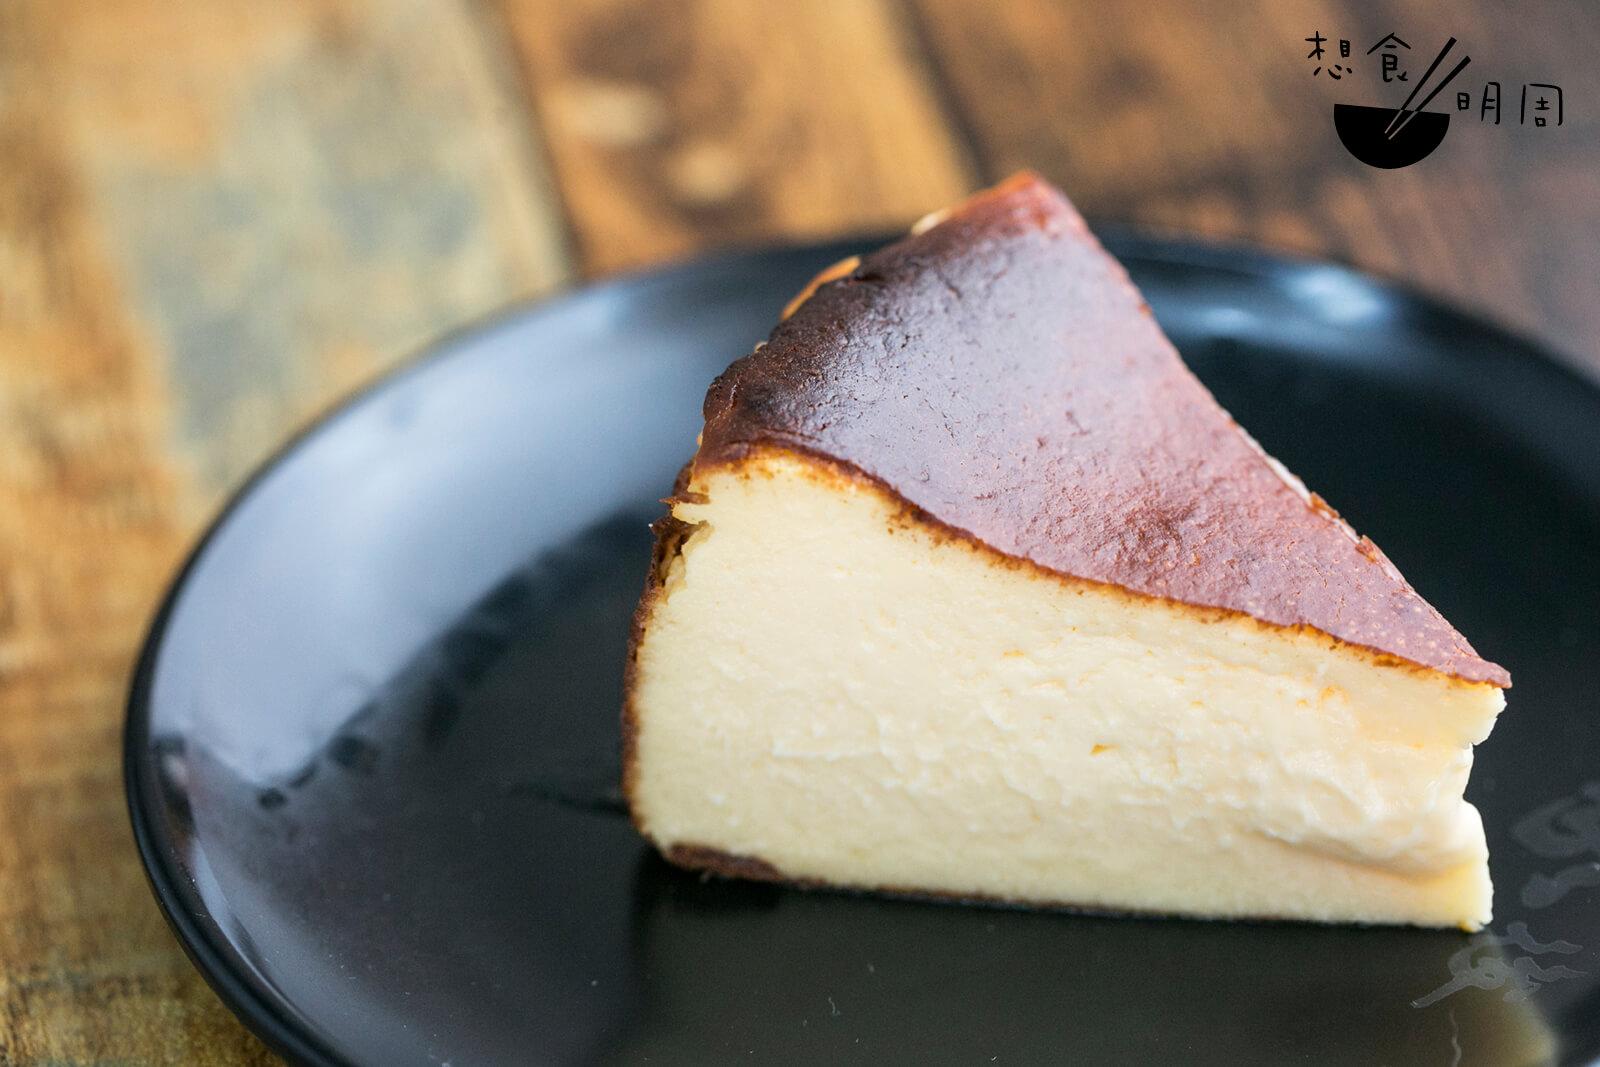 由日籍太太親手做的巴斯克蛋糕,口感綿密,芝士香頗濃。($25)